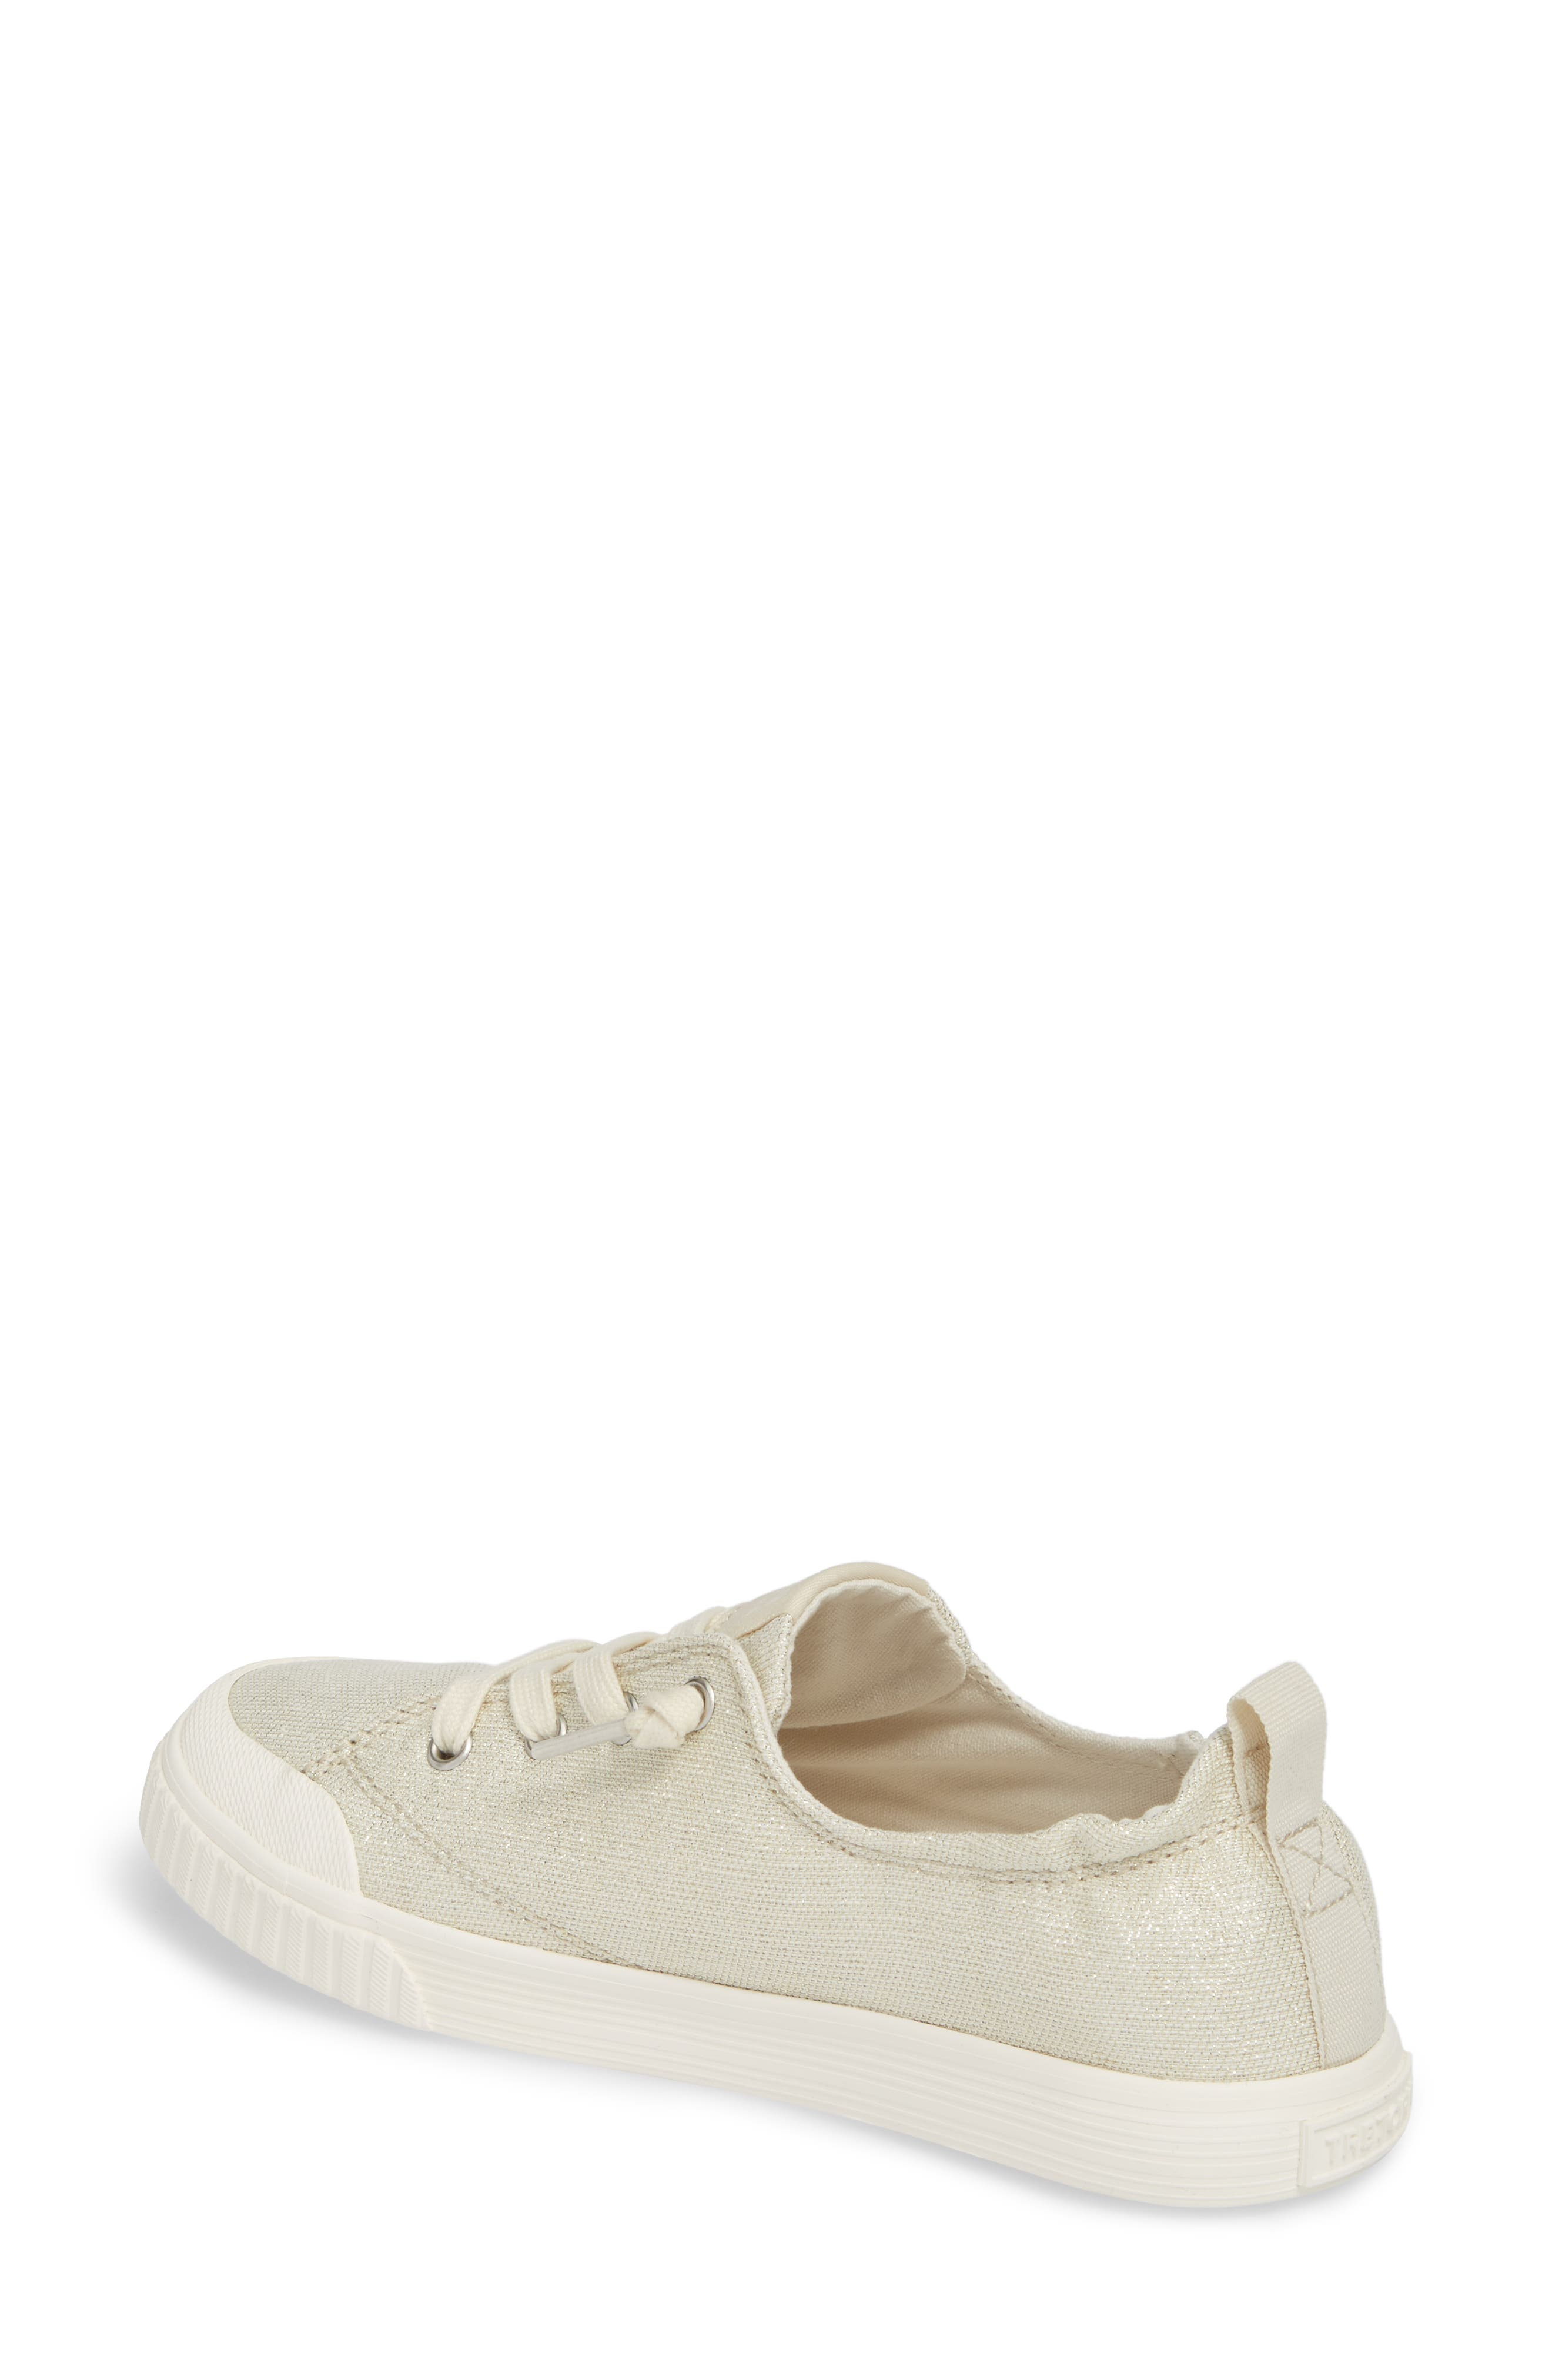 Meg Slip-On Sneaker,                             Alternate thumbnail 6, color,